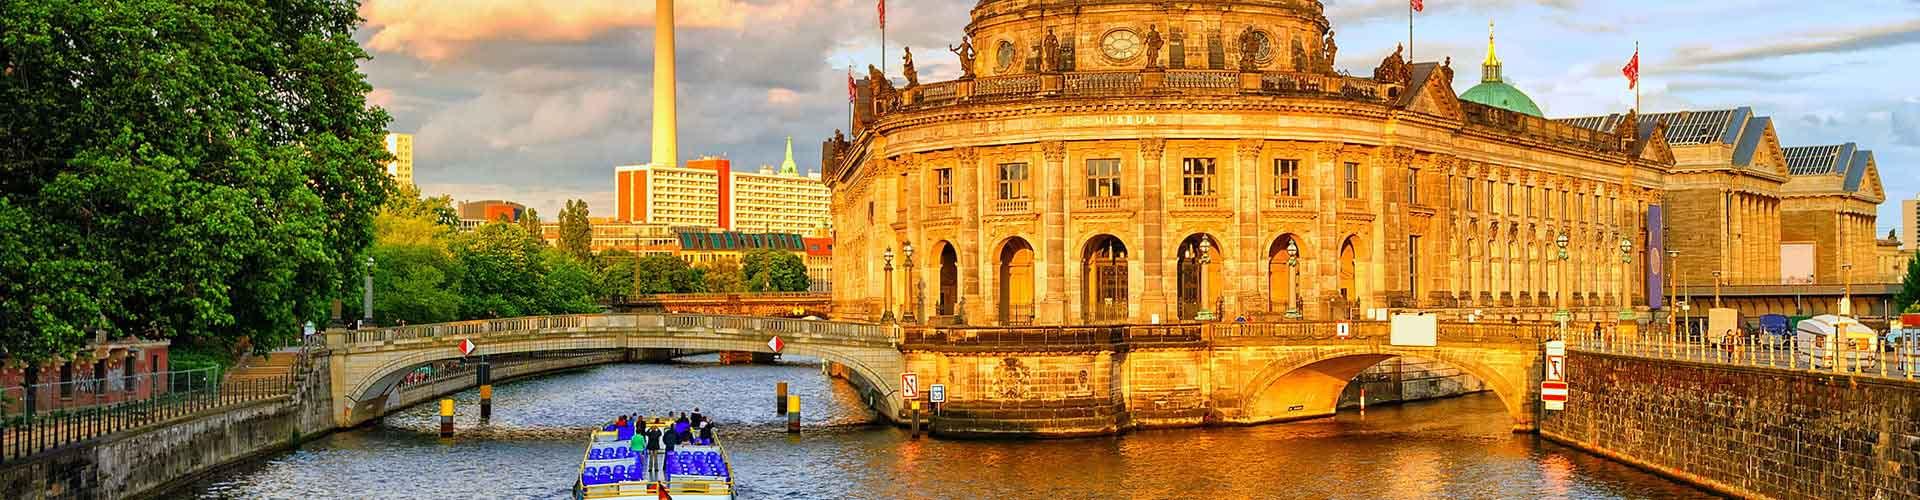 Berlin – Hostels in Berlin. Berlin auf der Karte. Fotos und Bewertungen für jedes Hostel in Berlin.